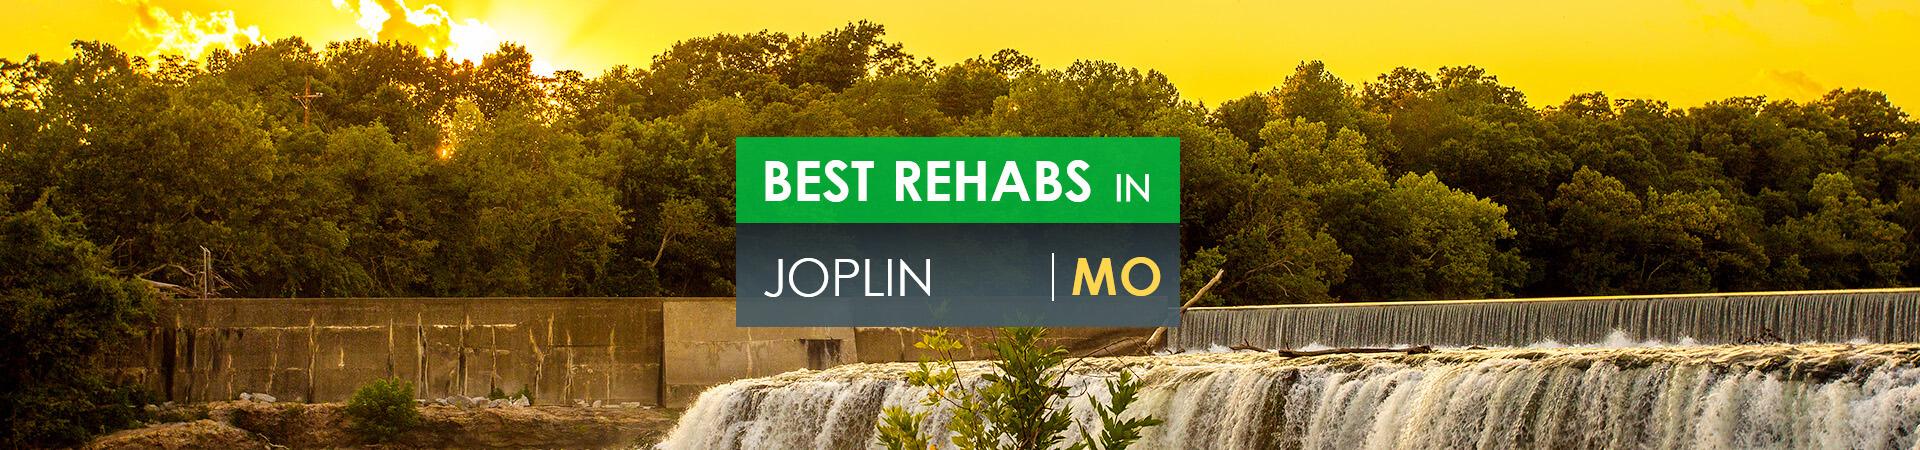 Best rehabs in Joplin, MO